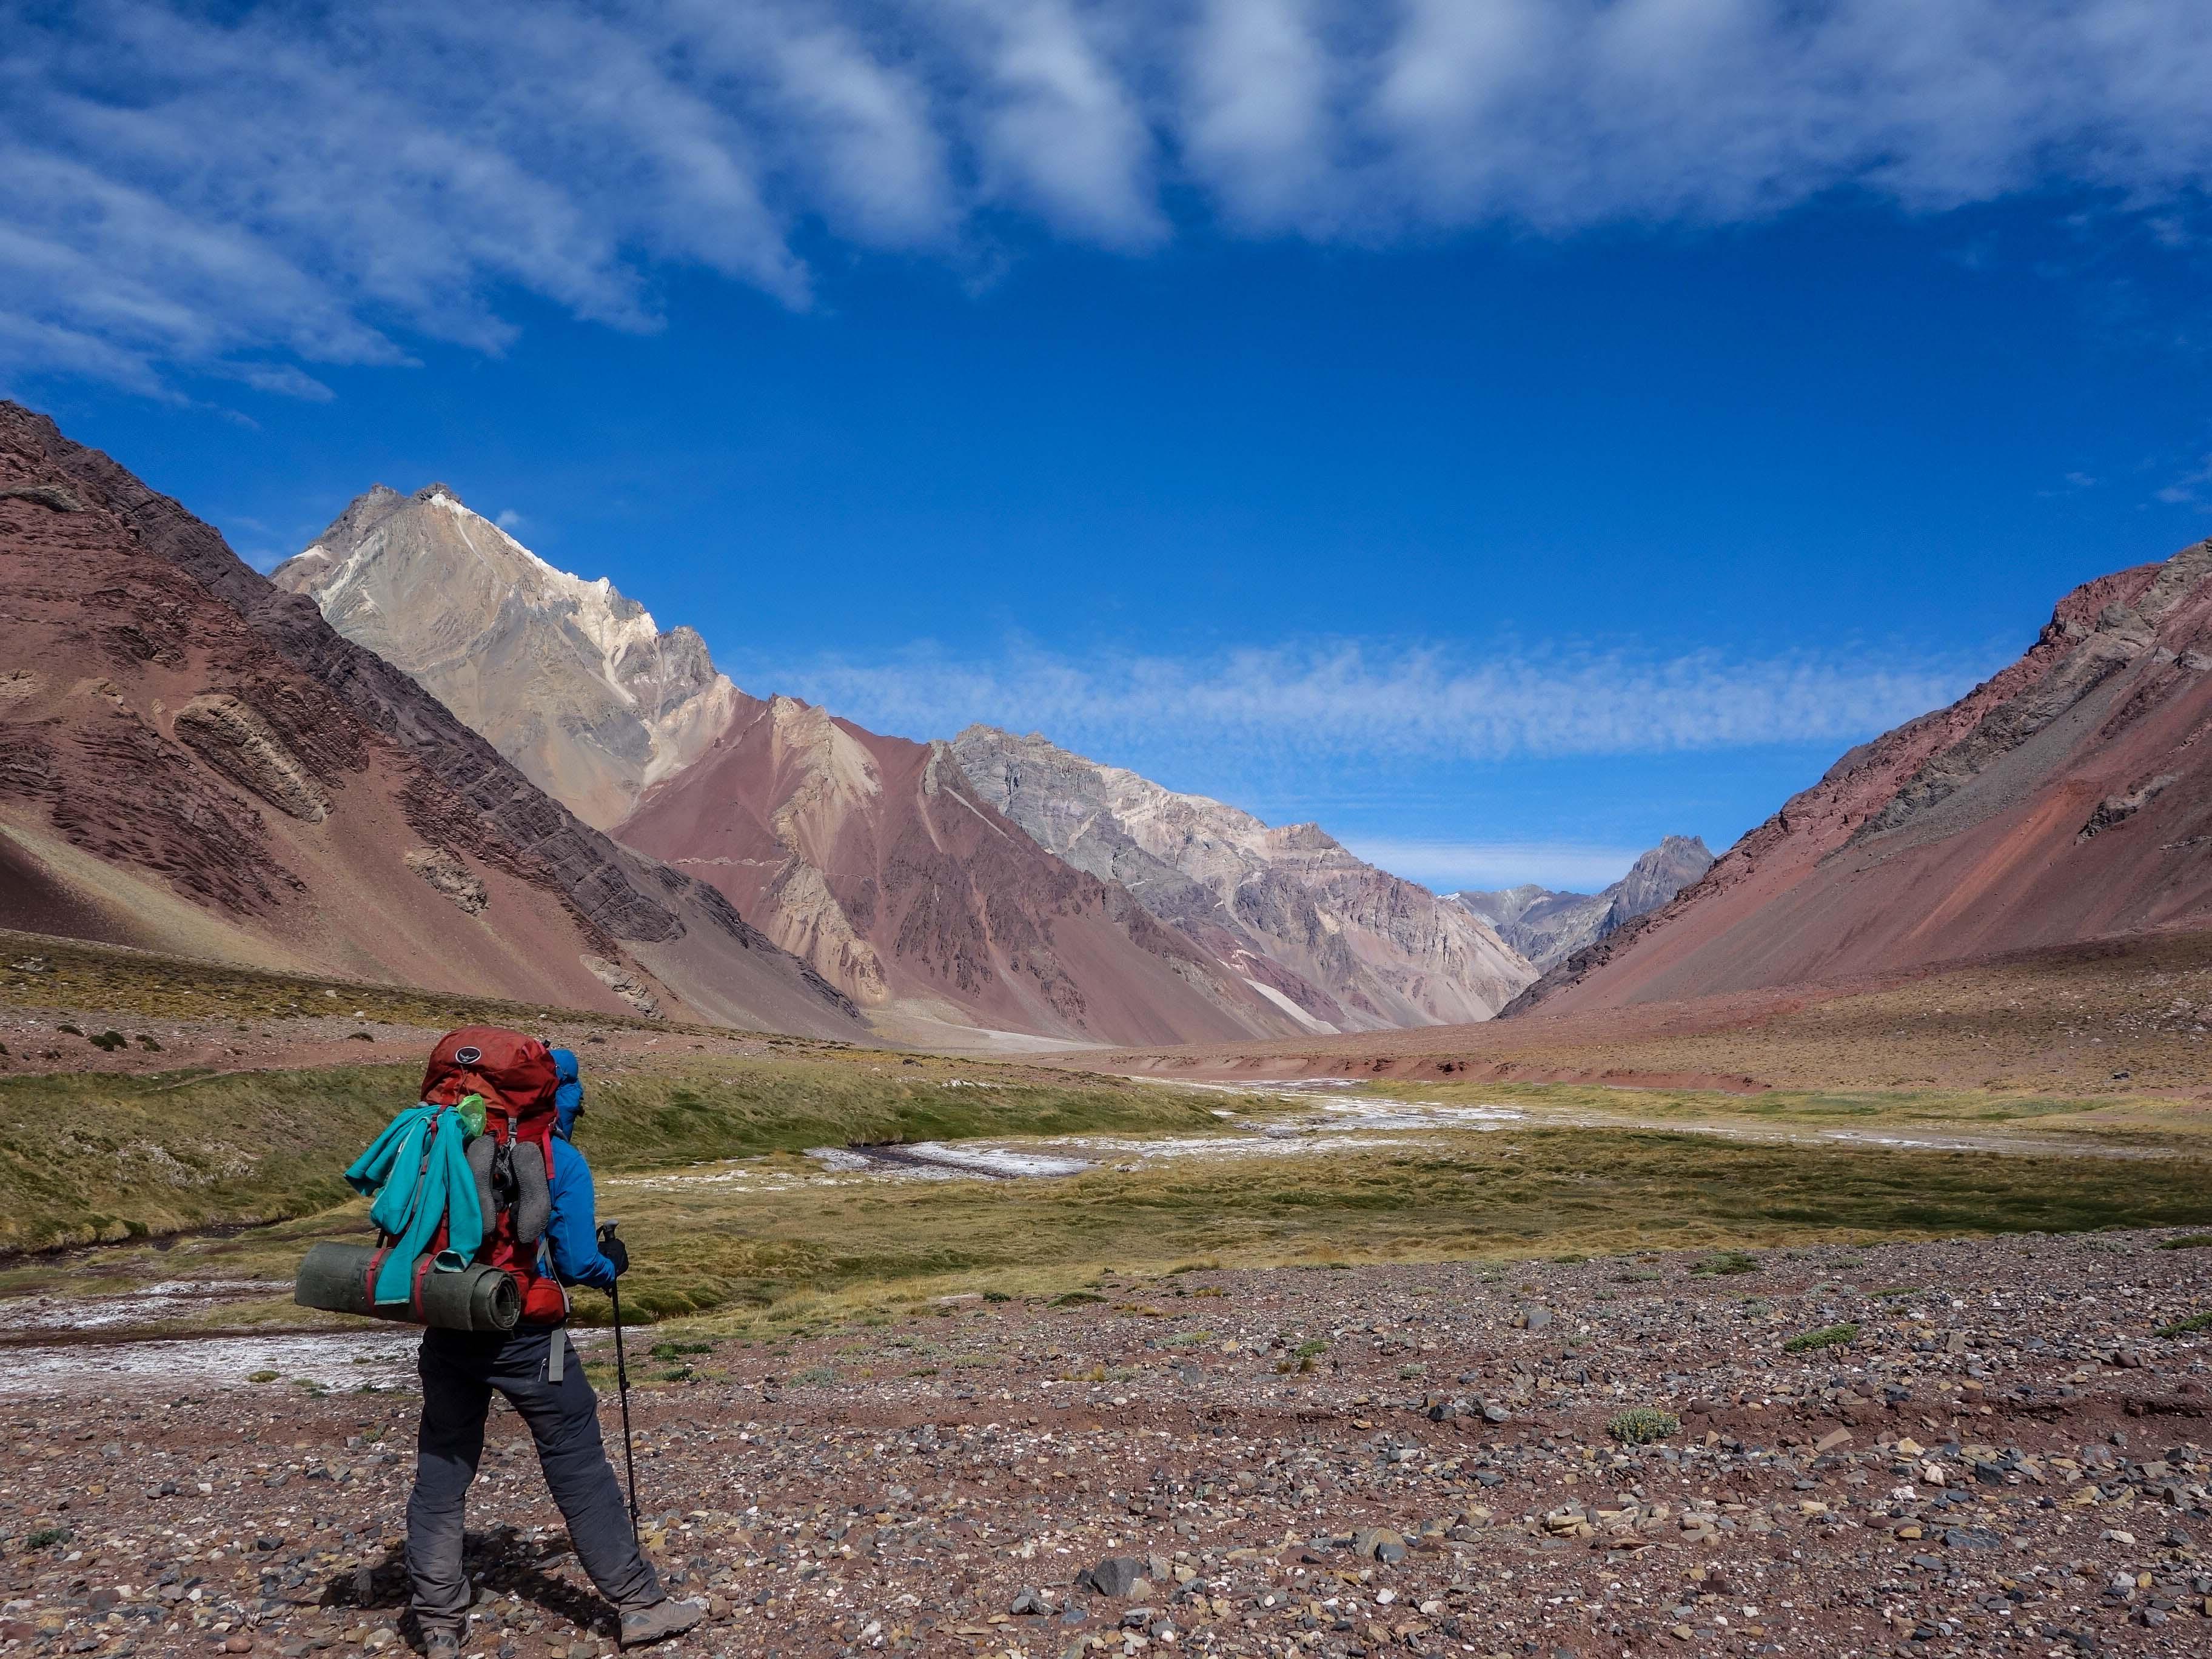 Álmok és megvalósulásuk 6962 méteren